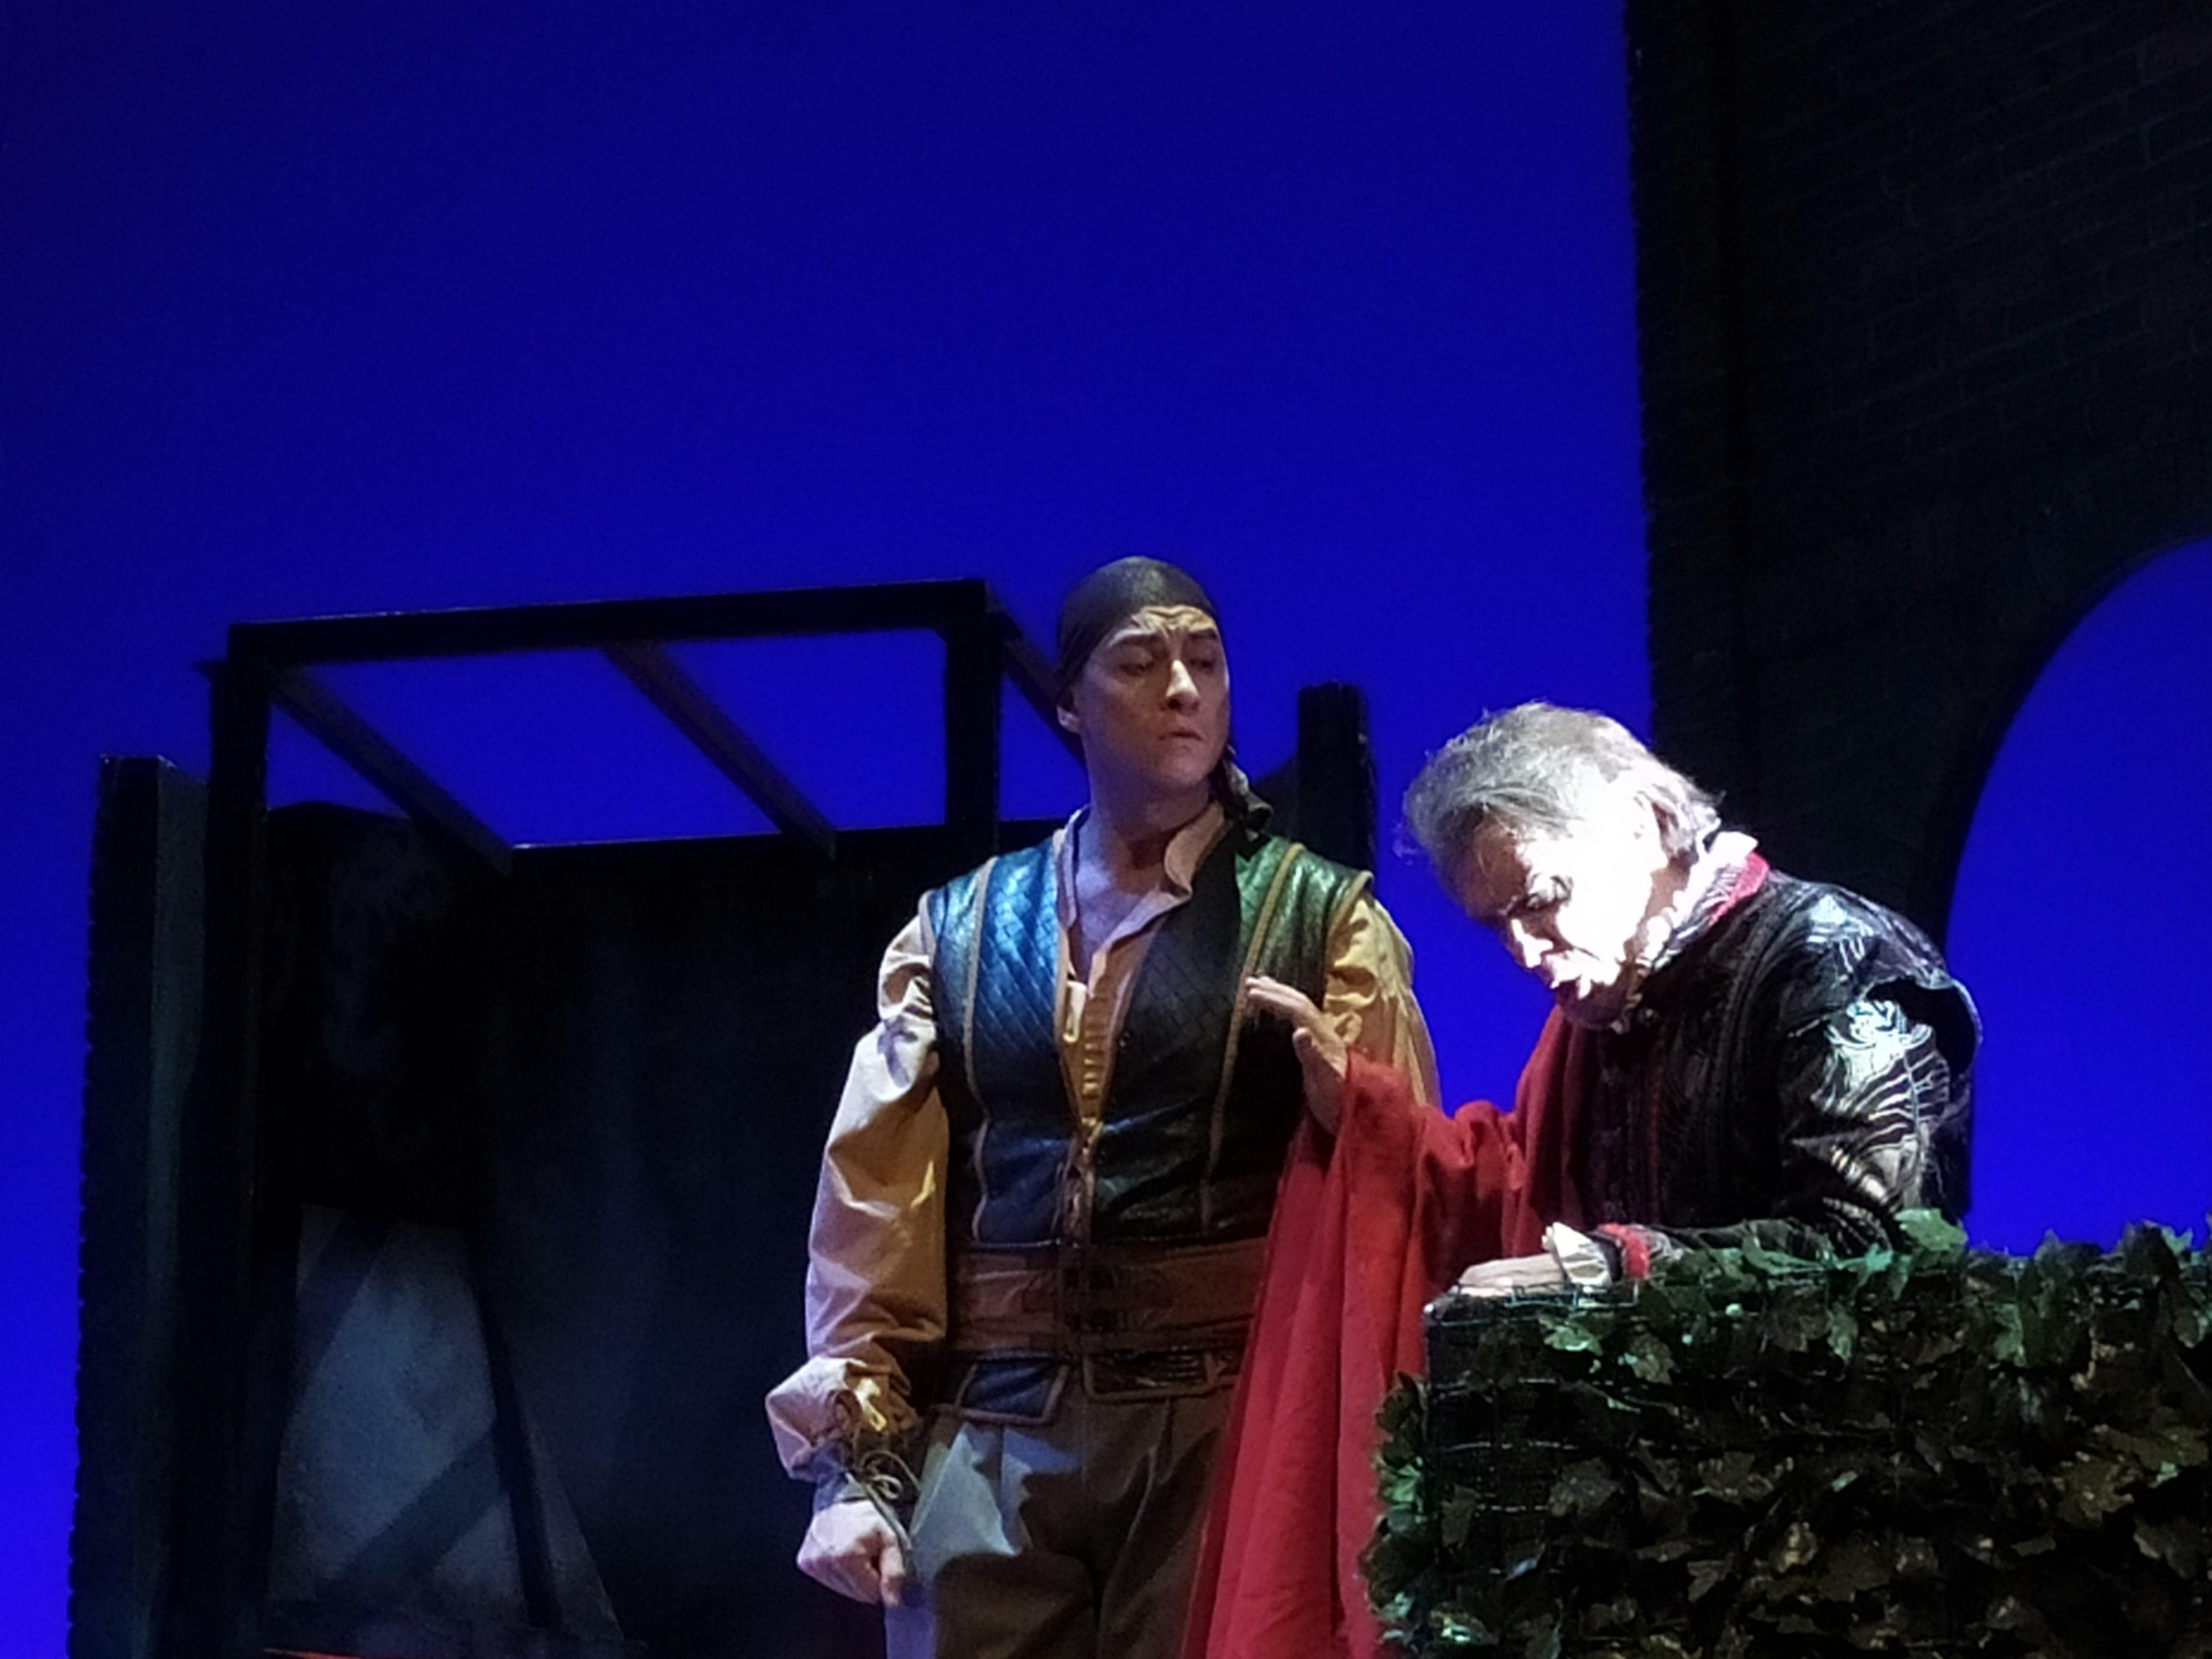 Foto Patrizia Monteverdi - Marzio Giossi Rigoletto, Massimiliano Catellani Sparafucileg